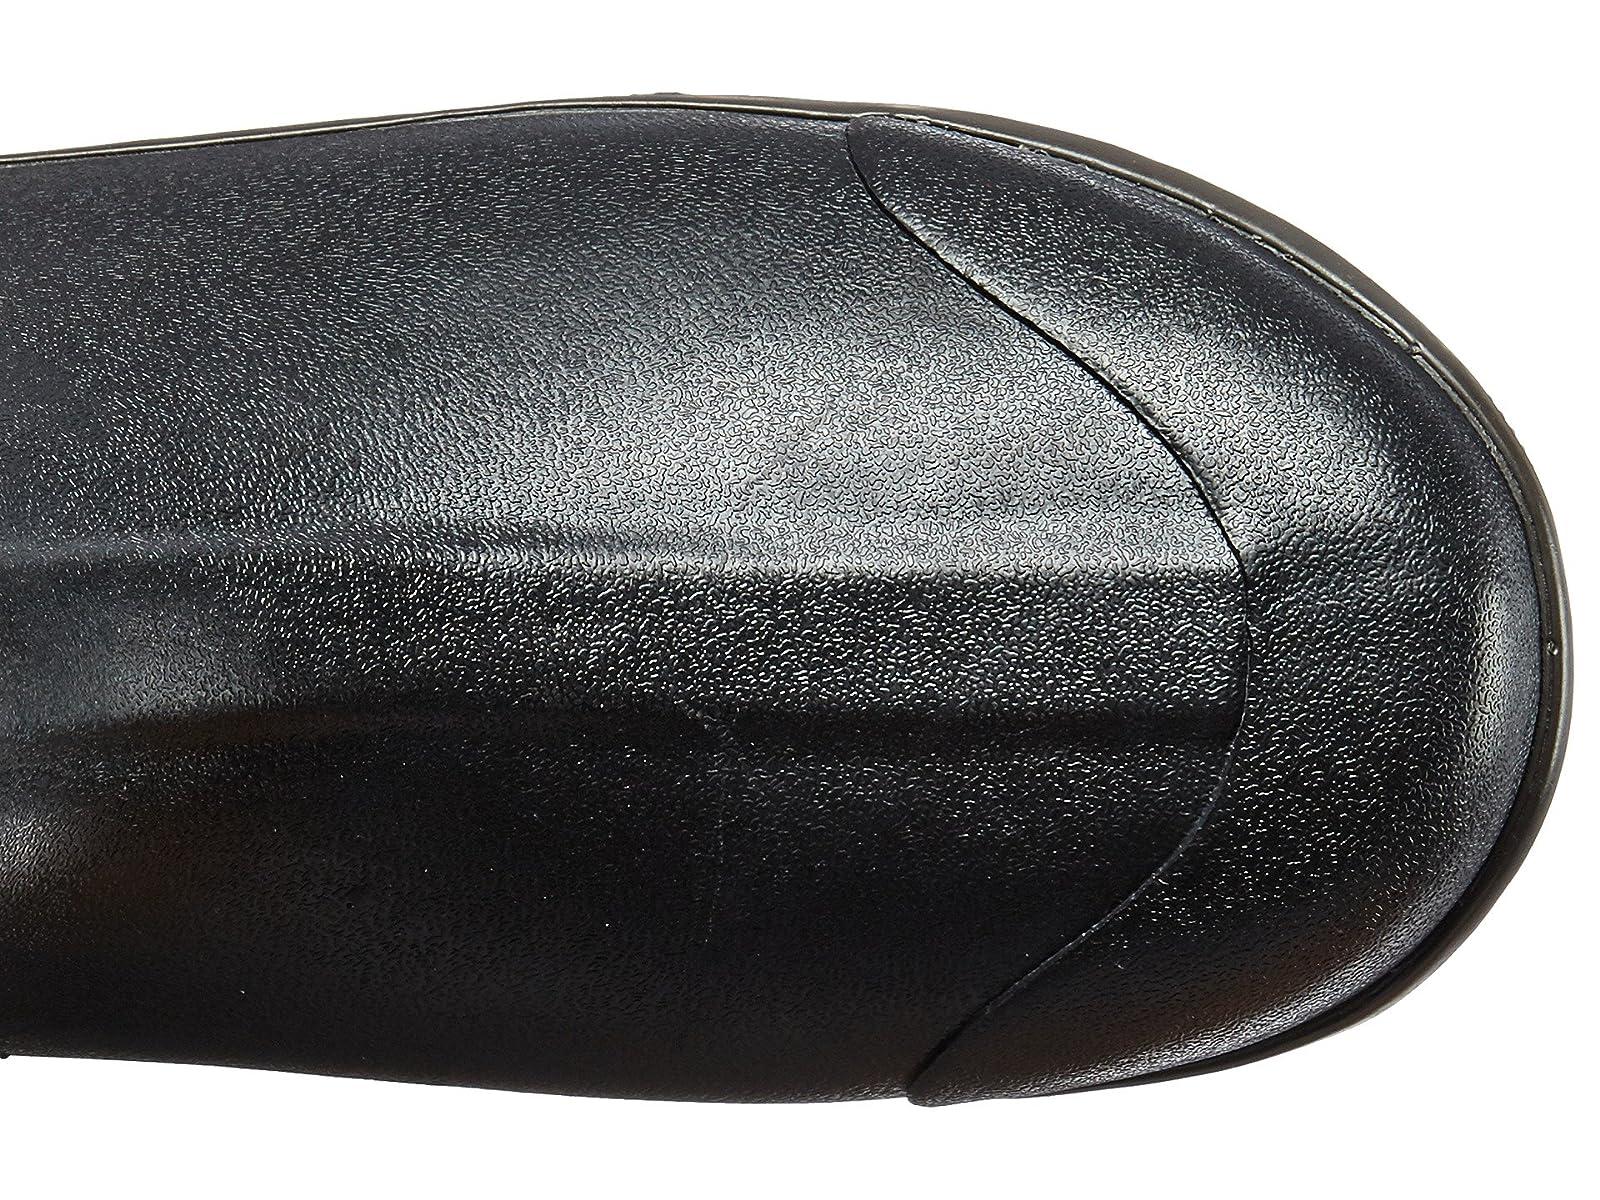 les tourbières tourbières tourbières ultra cool tech grand coffre 52c01b